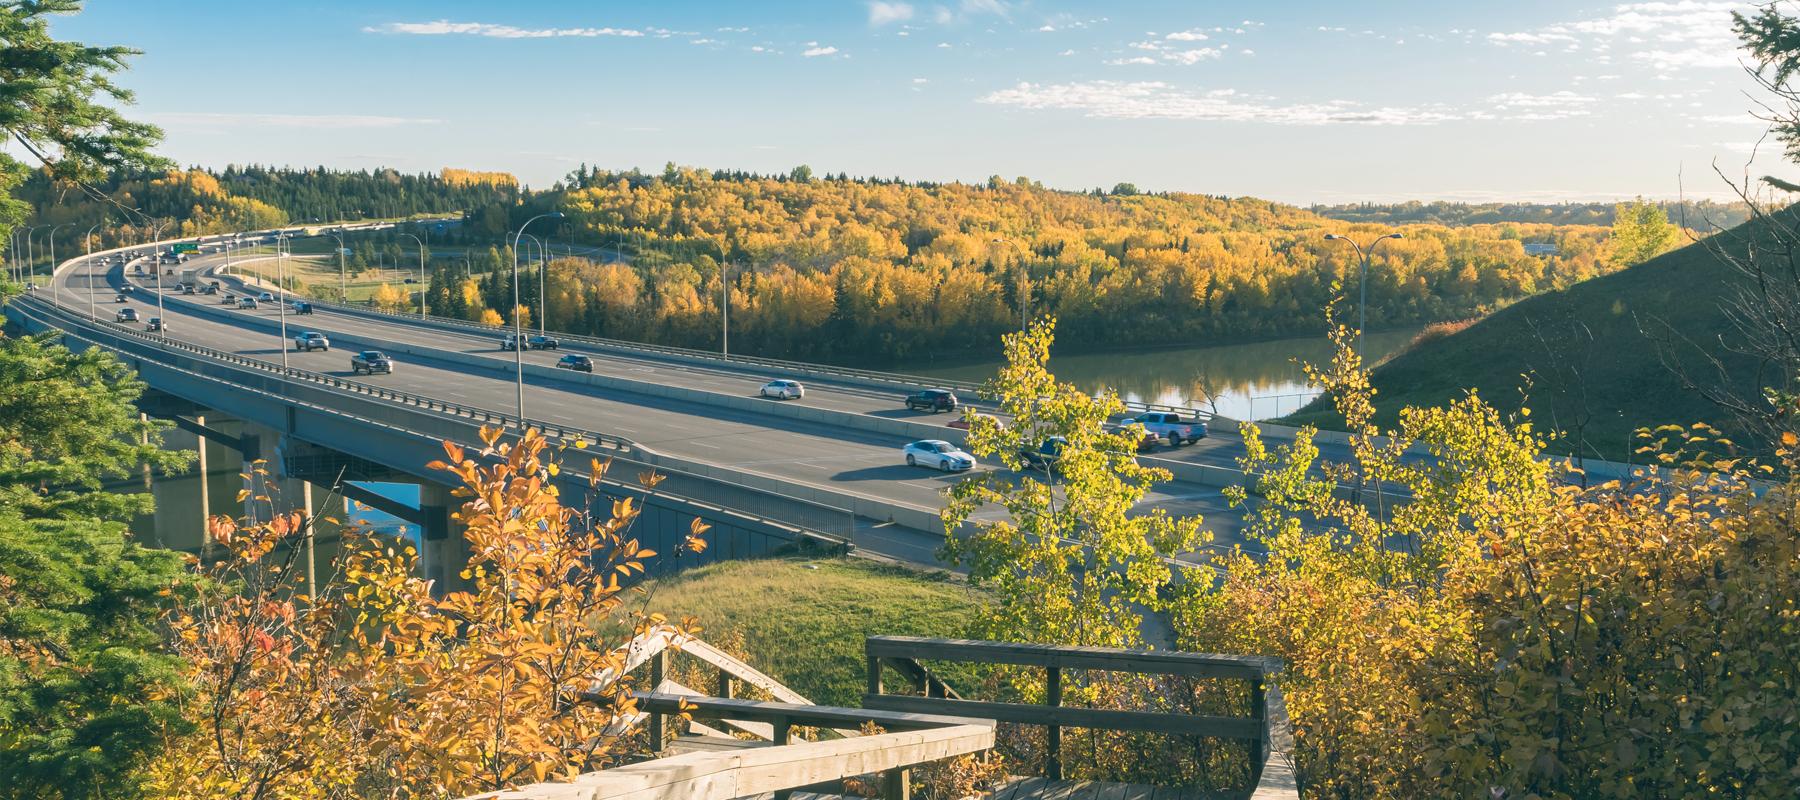 Edmonton bridge Saskatchewan river